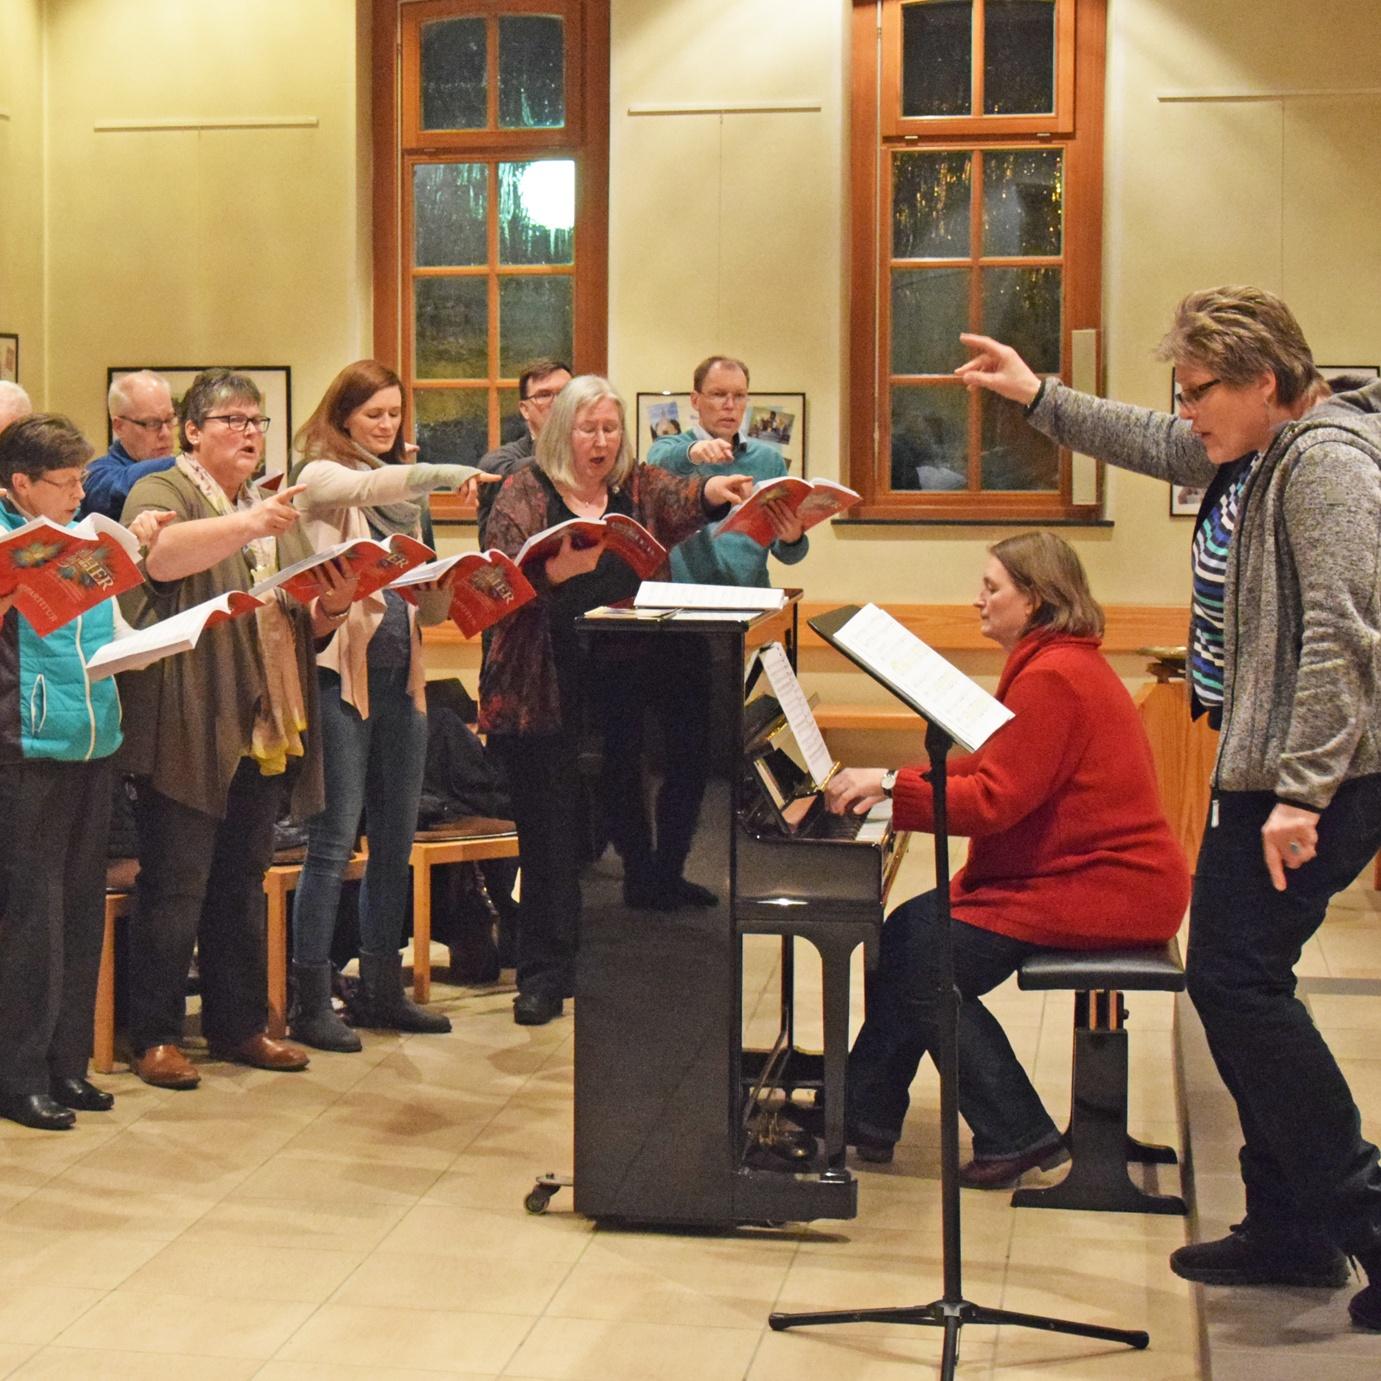 Aus Projektchor soll in Borchen neuer Kirchenchor entstehen Proben für Luther-Oratorium laufen auf Hochtouren